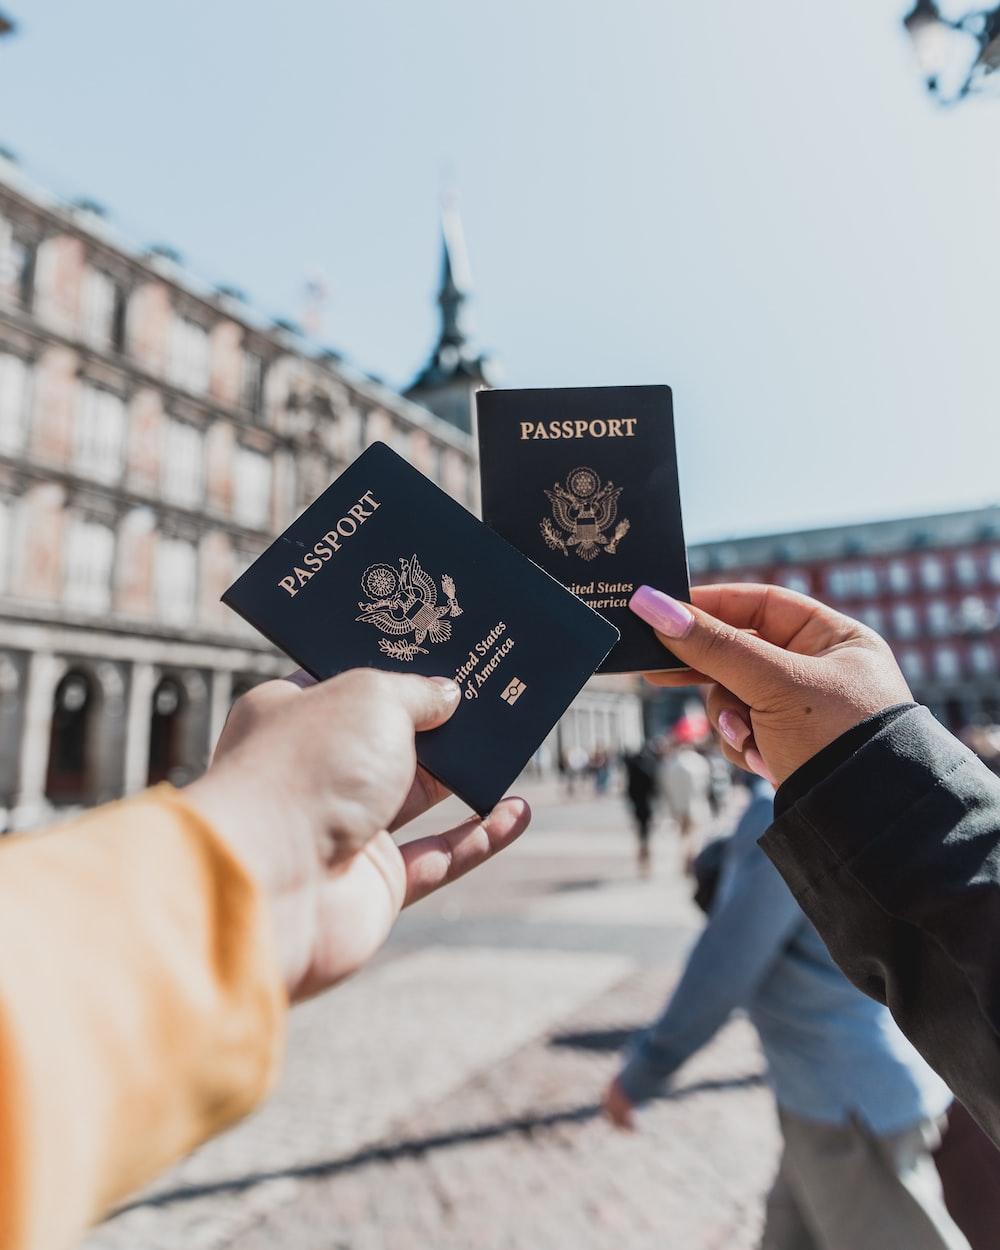 Có trên tay visa định cư Mỹ diện EB2 NIW bạn được gì